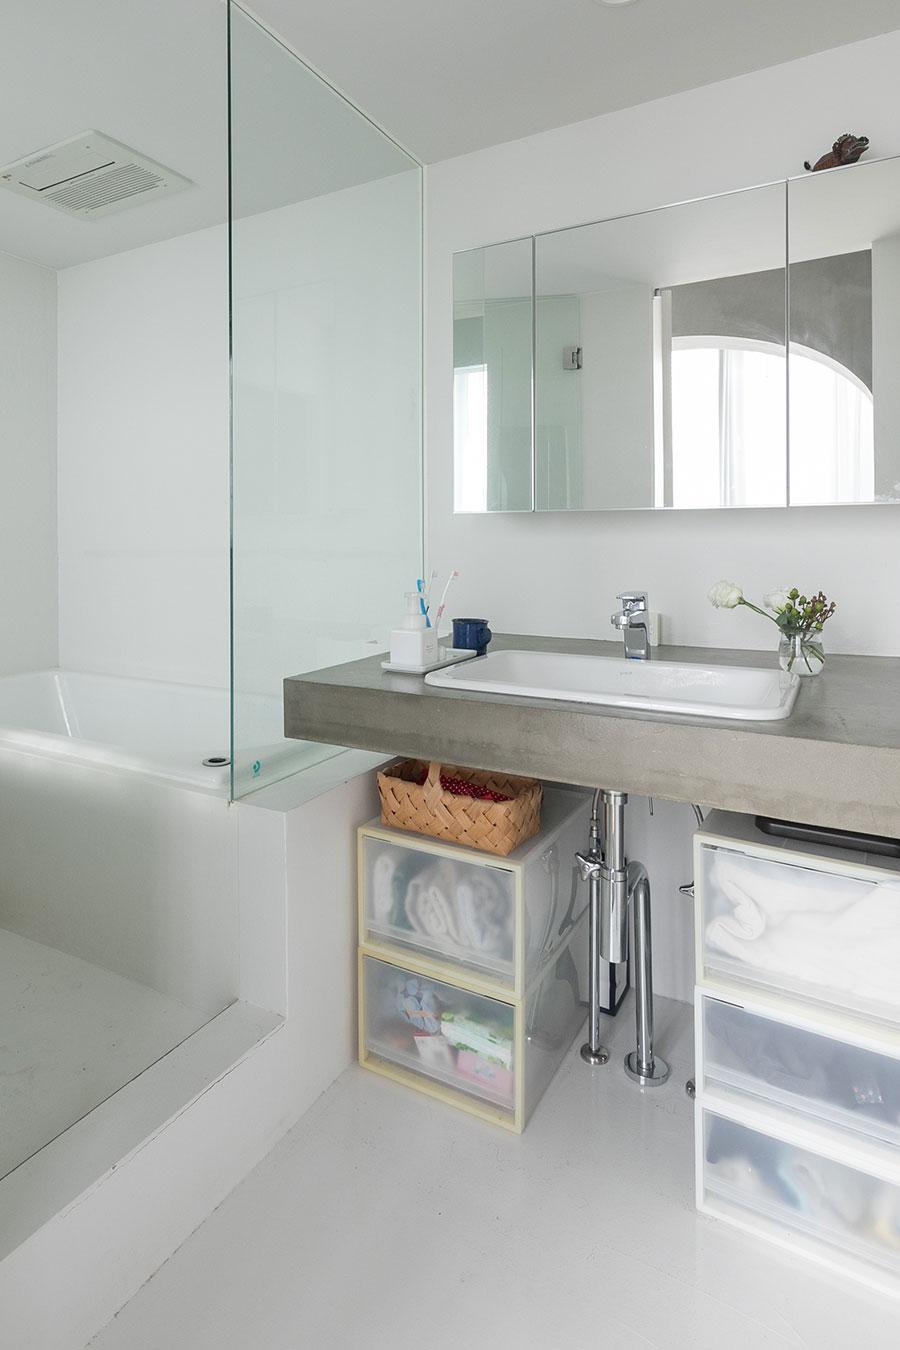 バスルームは白と洗面台のモルタルのグレーの空間。鏡の奥は物入れになっている。